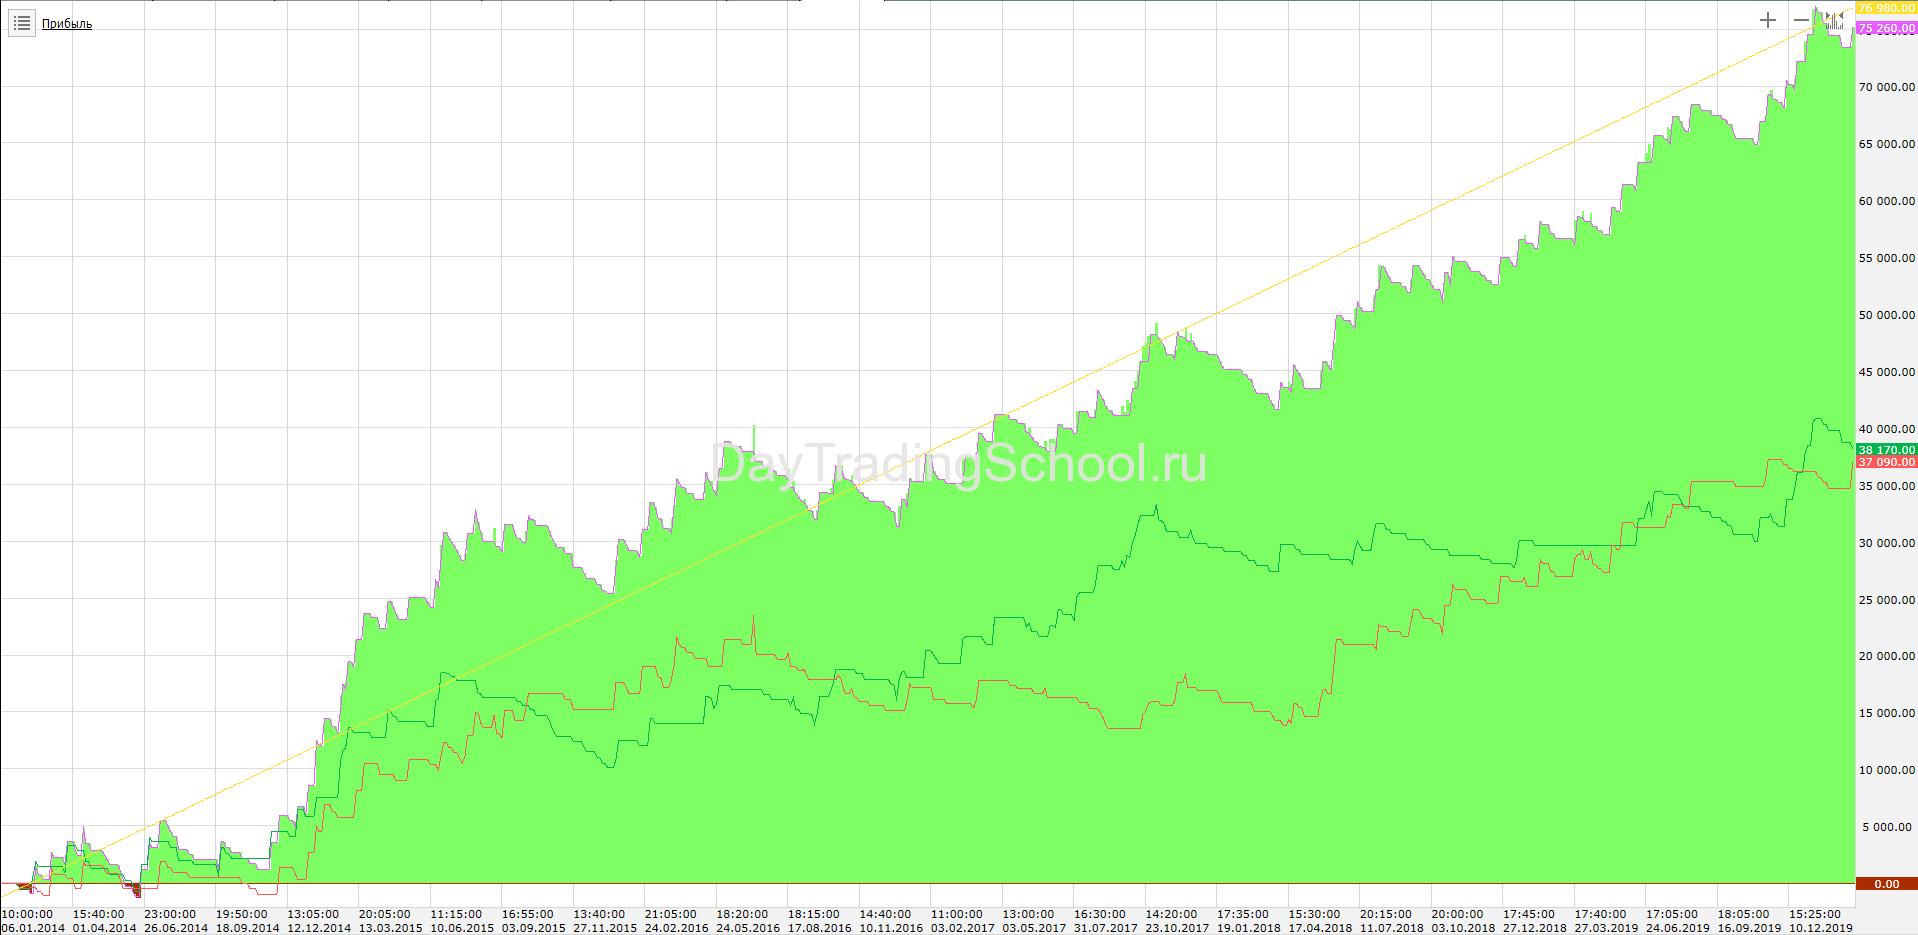 доходSMA-молот-2014-2020-РТС